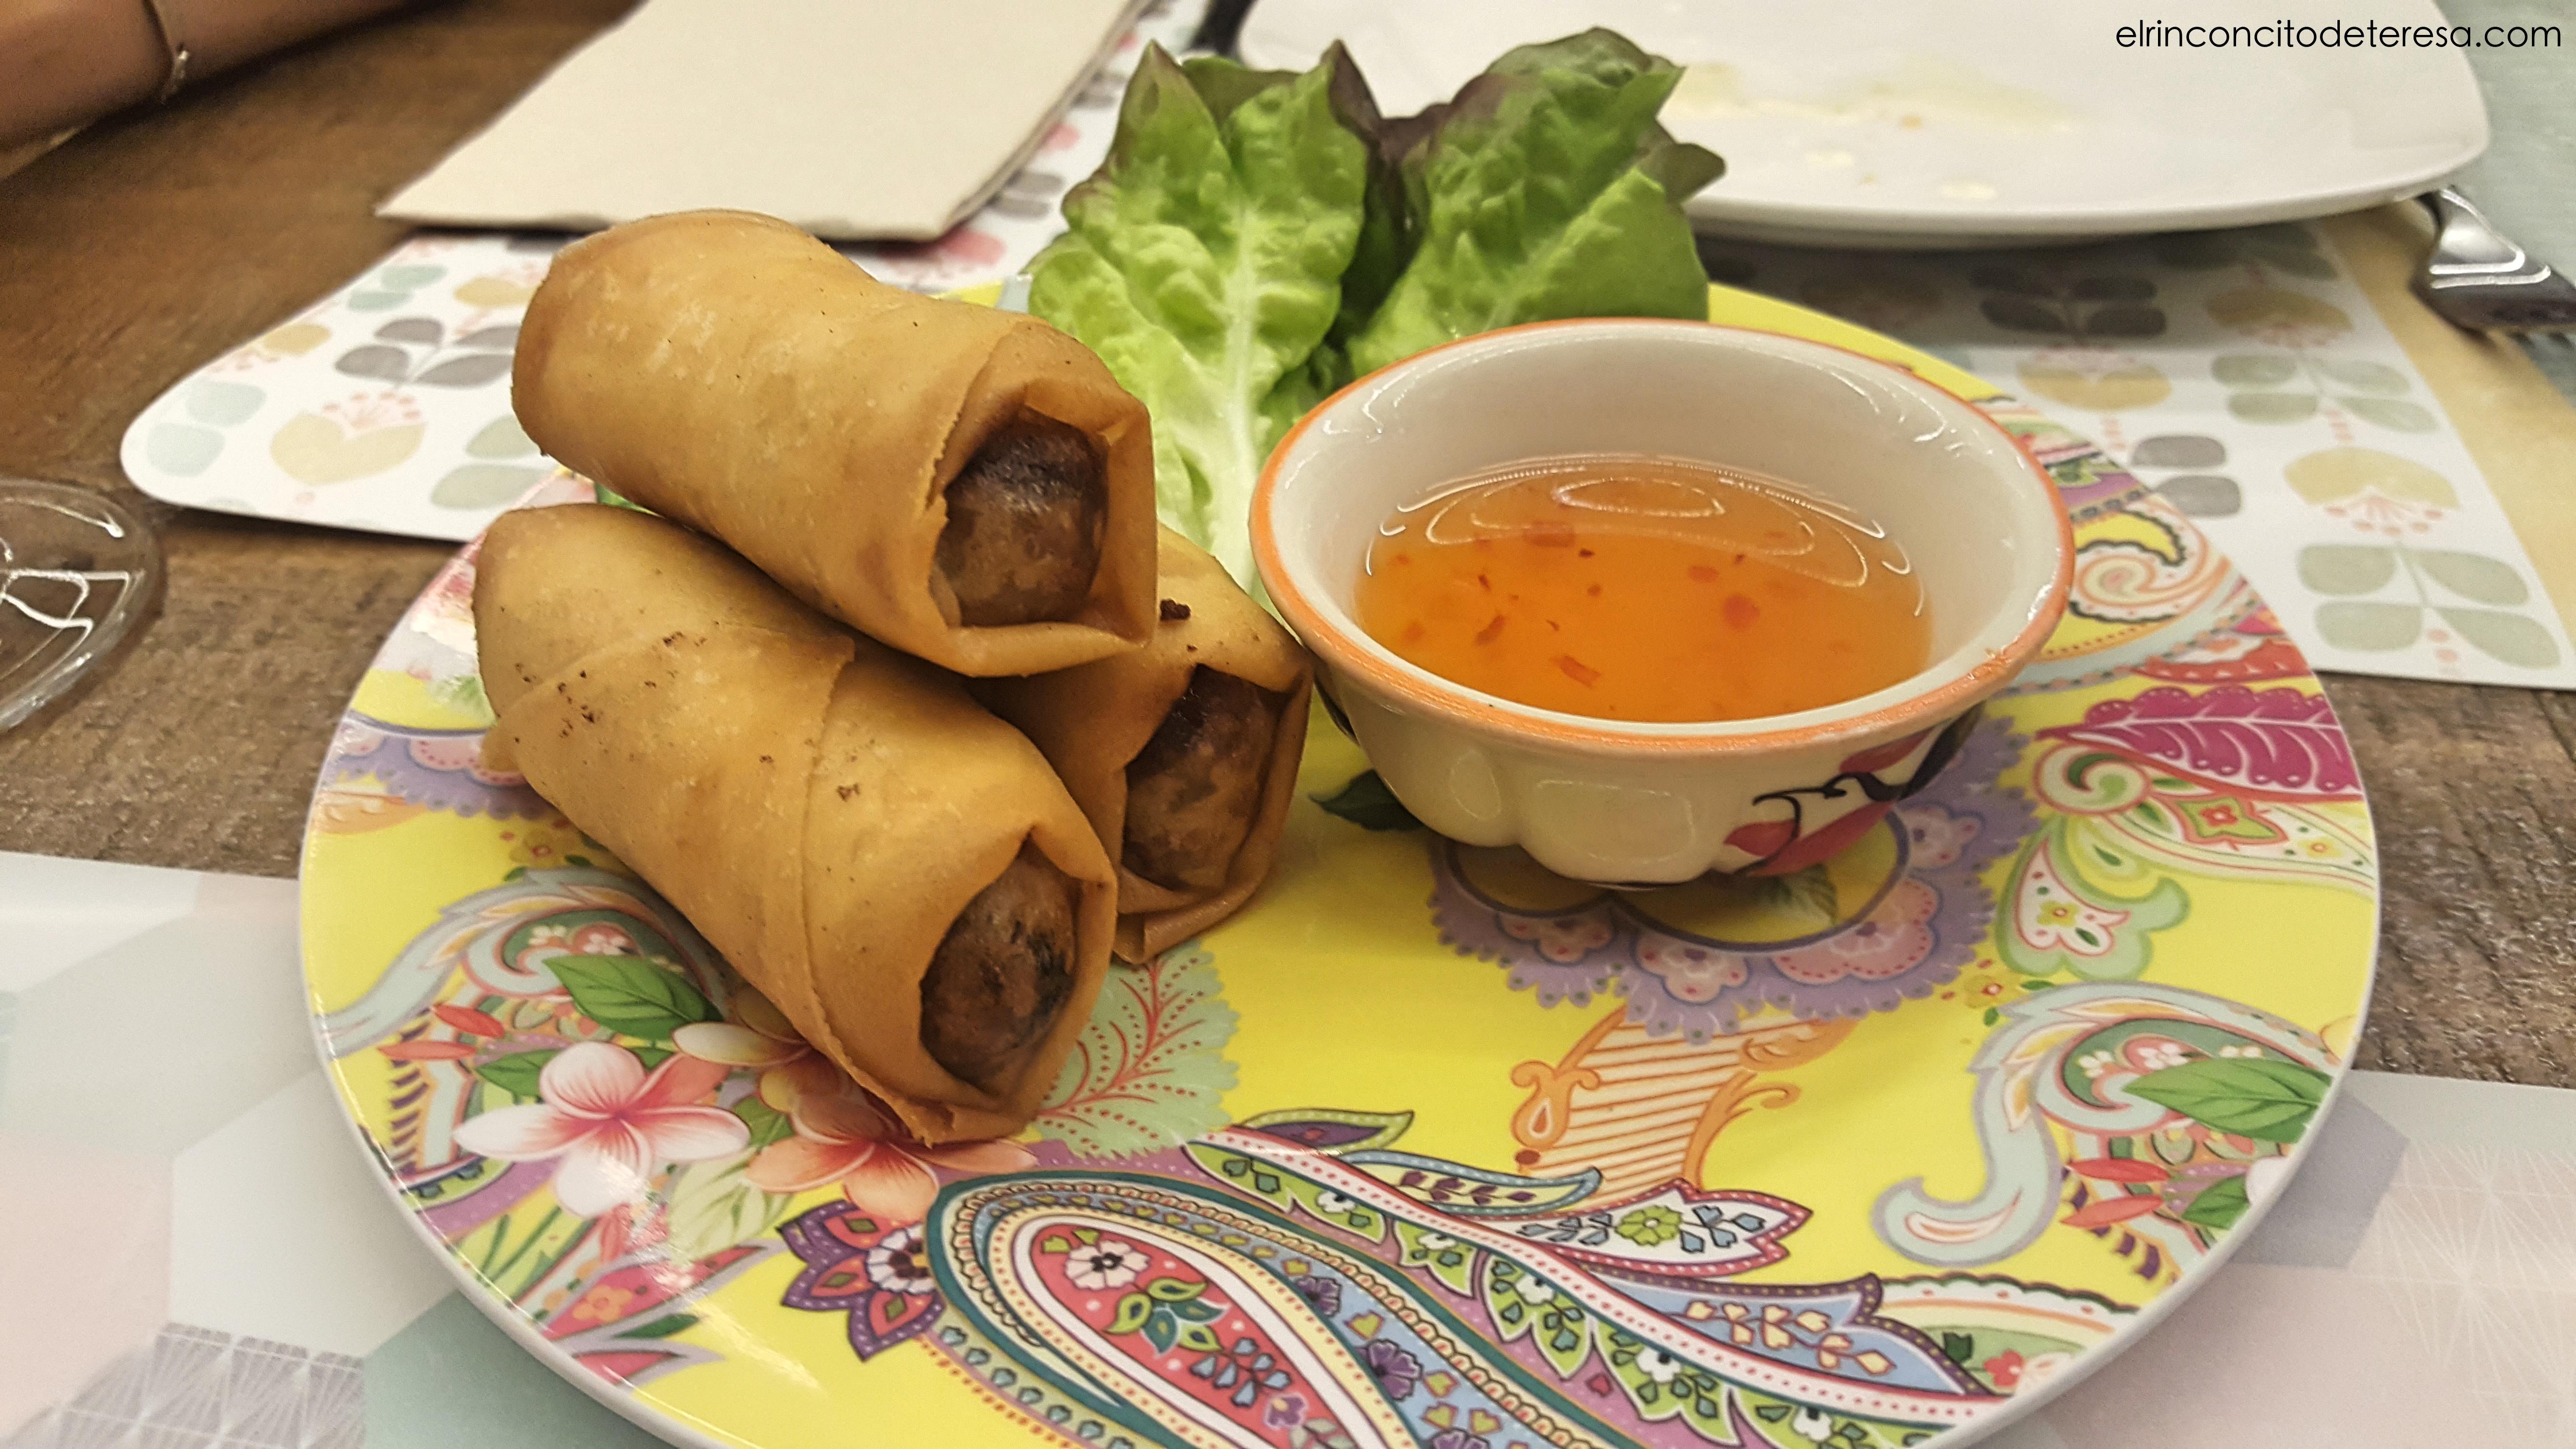 balmes-petit-bangkok-rollitos-pollo